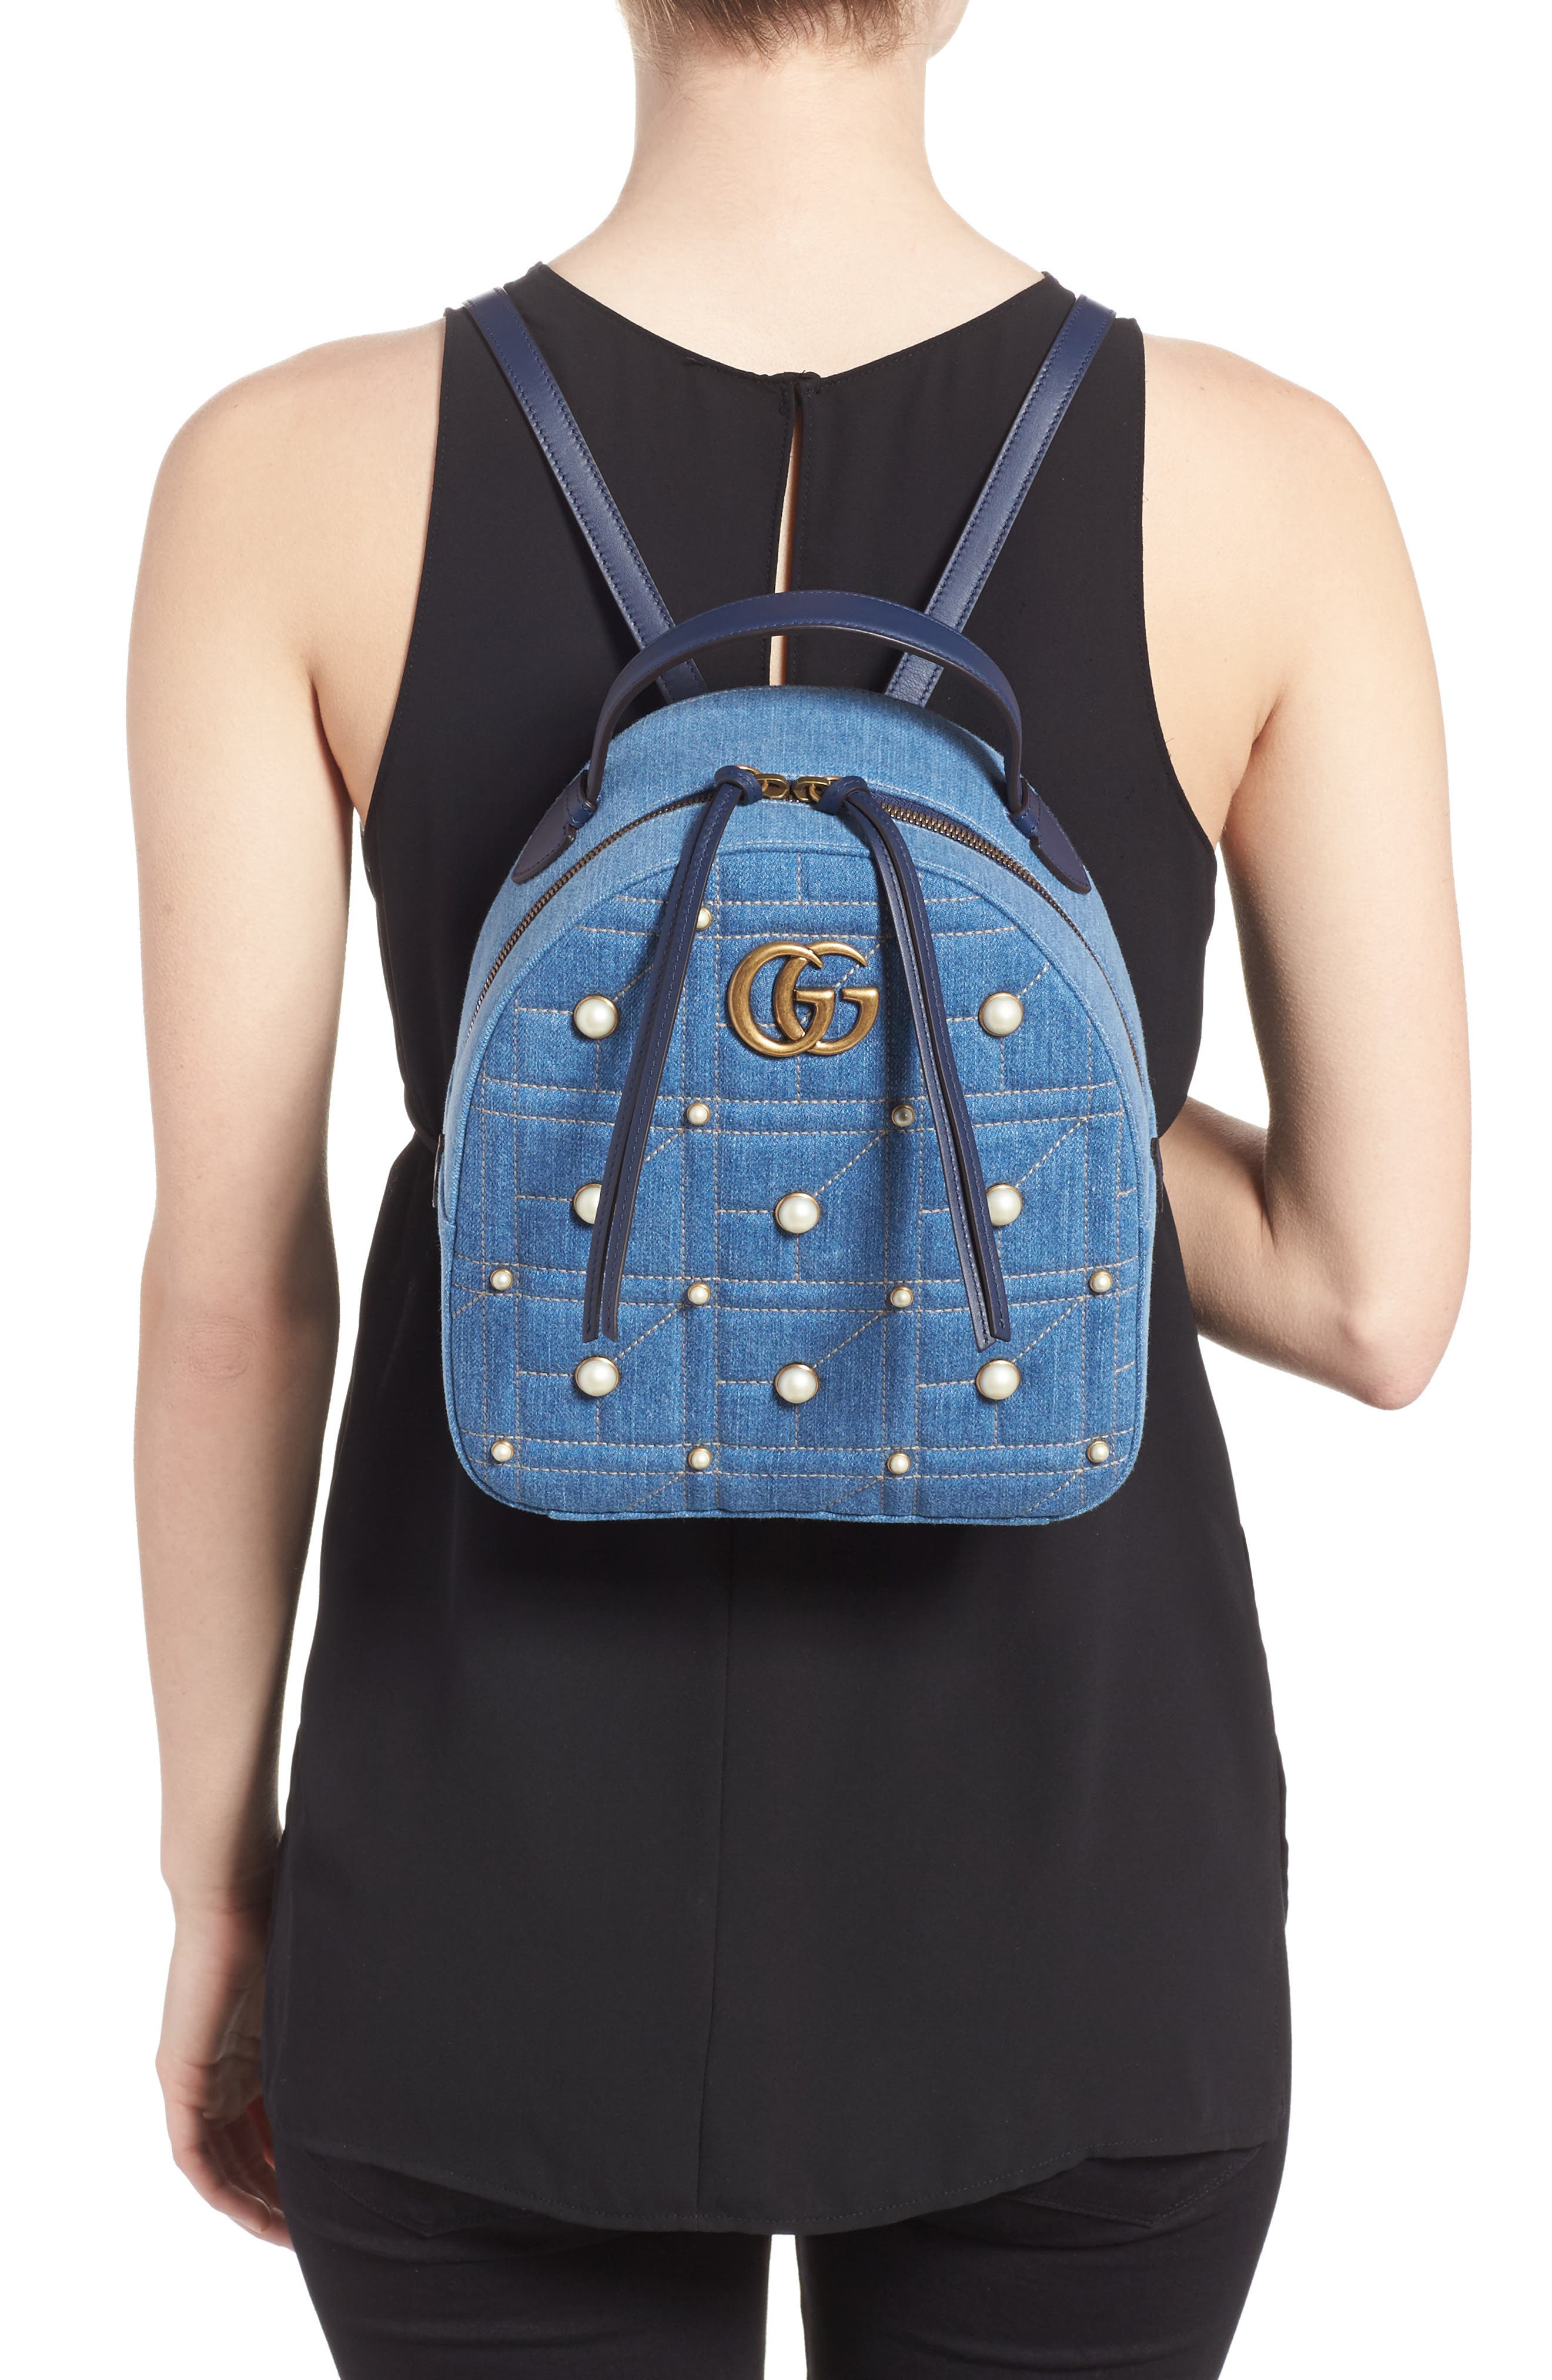 GG Marmont 2.0 Imitation Pearl Embellished Denim Backpack,                             Alternate thumbnail 2, color,                             Denim Blue